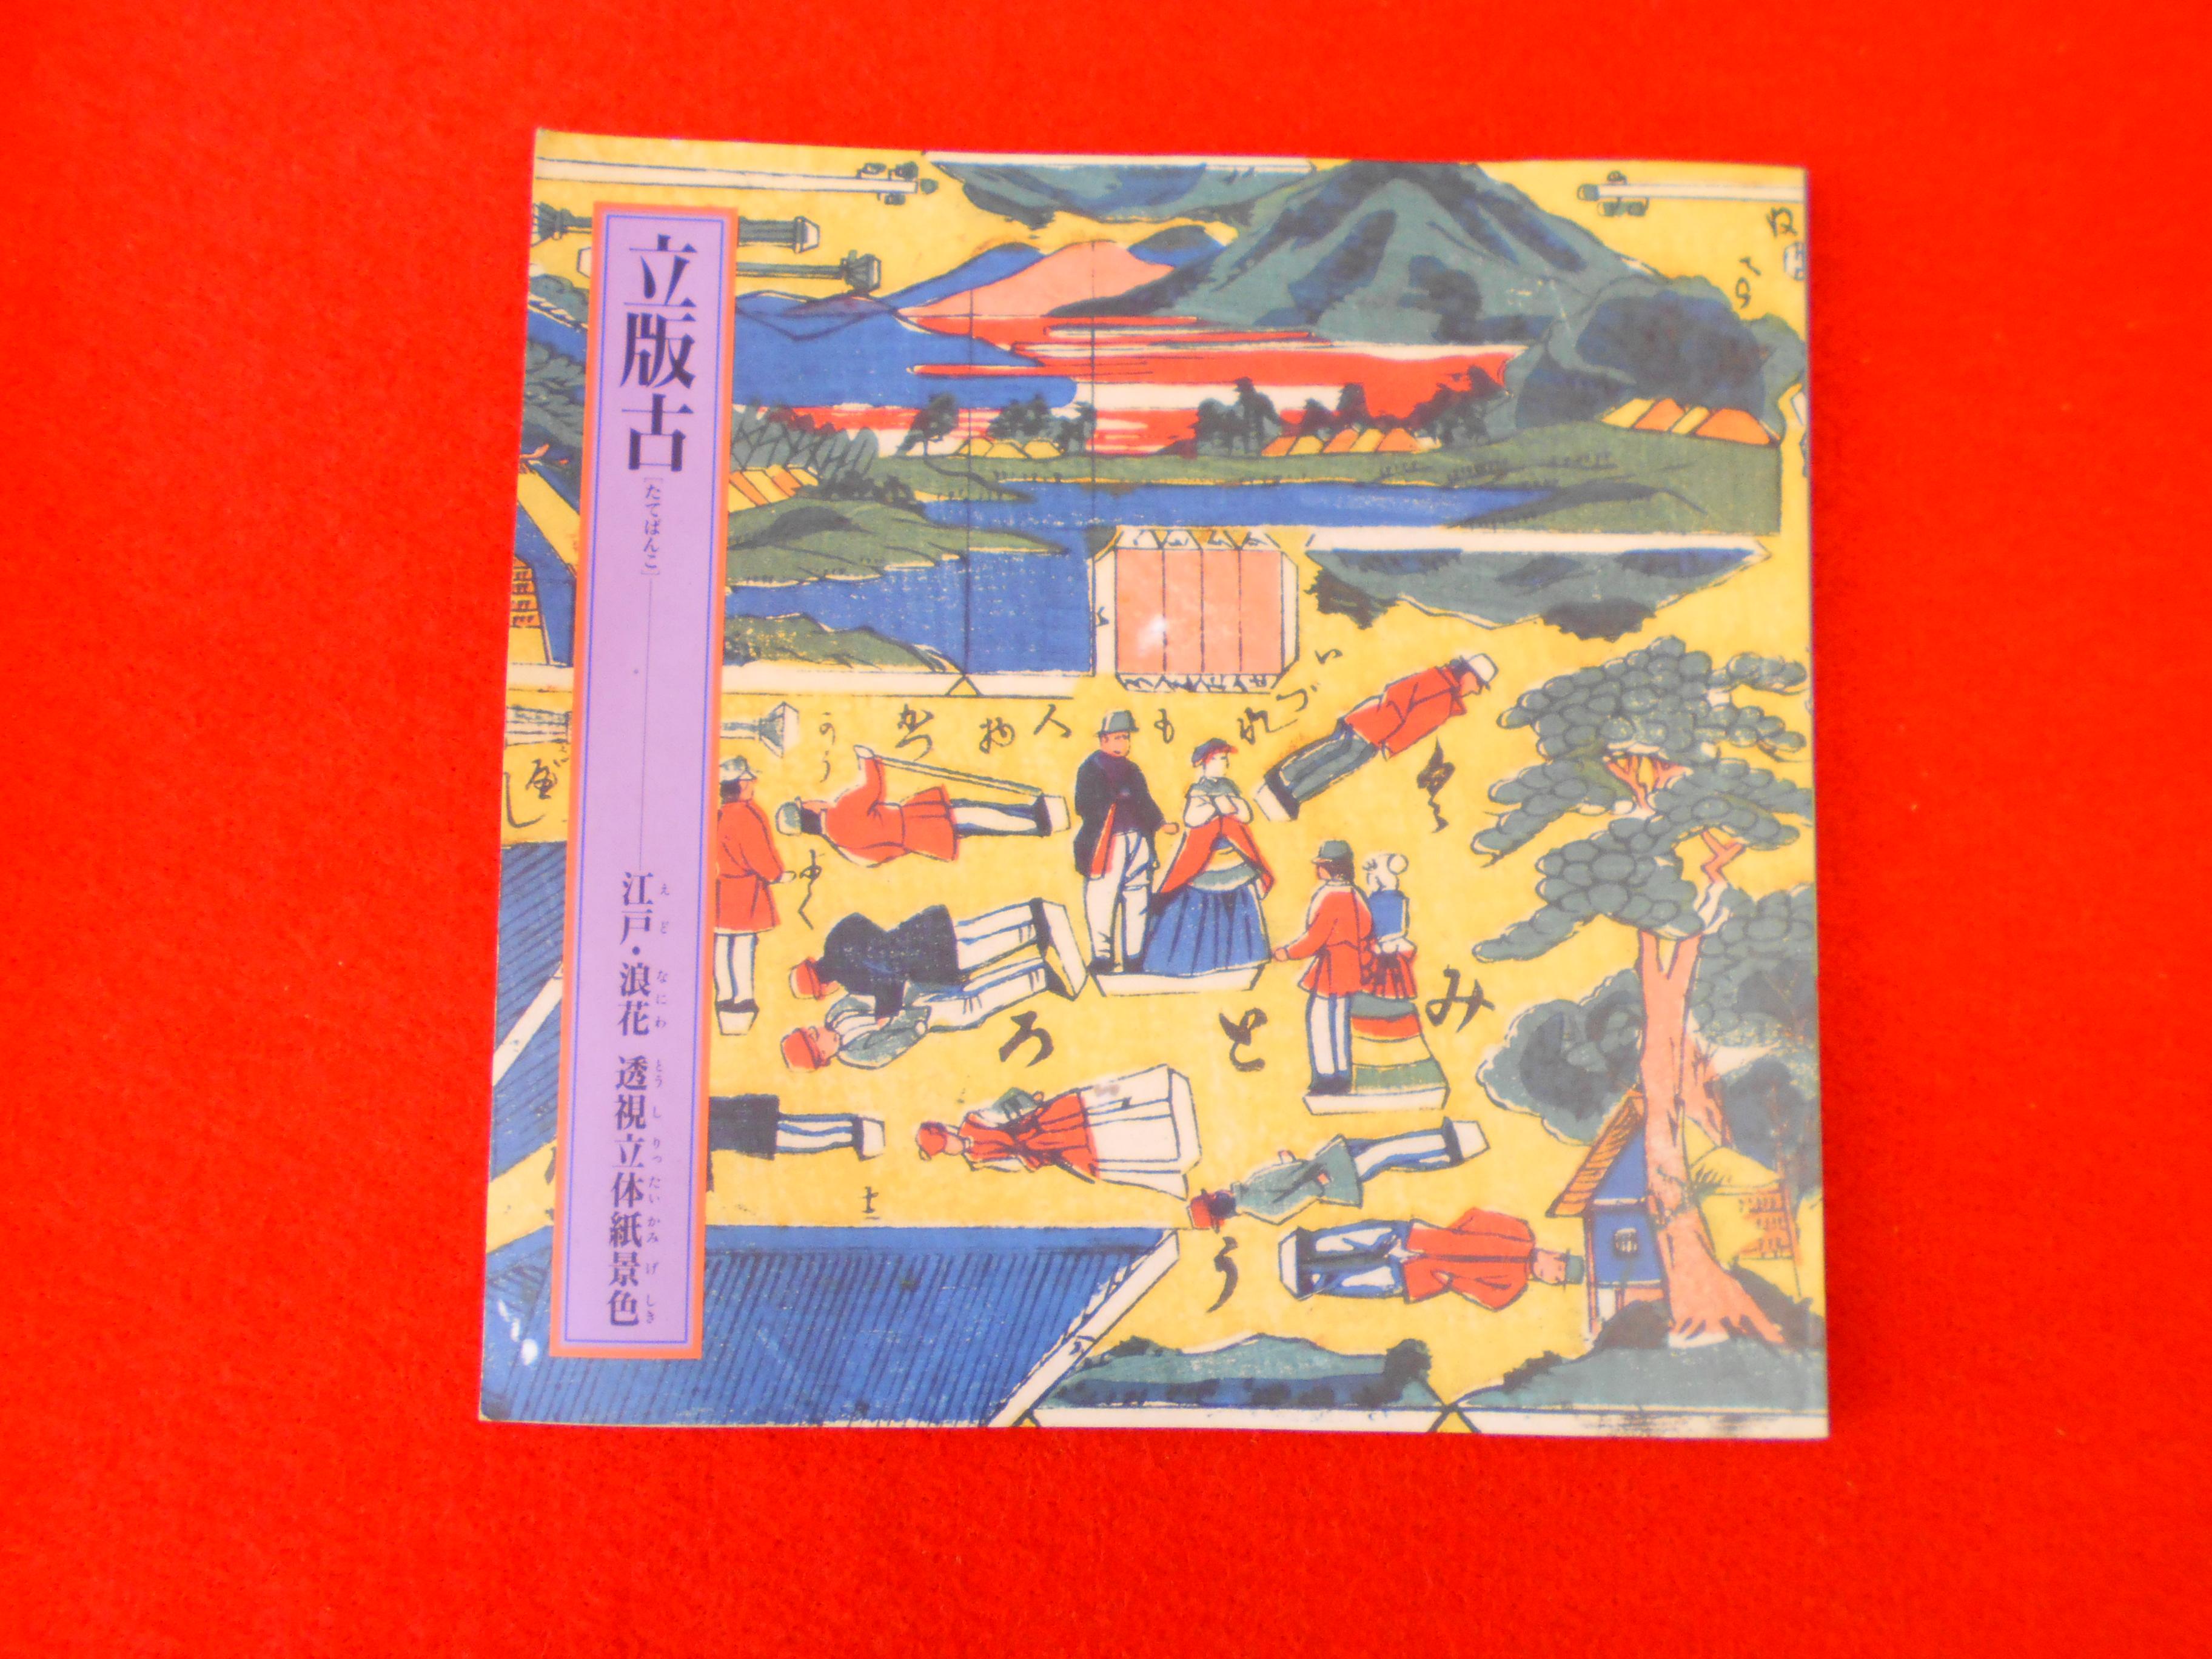 美術関係の書籍【立版古-江戸・浪速 透視立体紙景色】買取致しますの画像